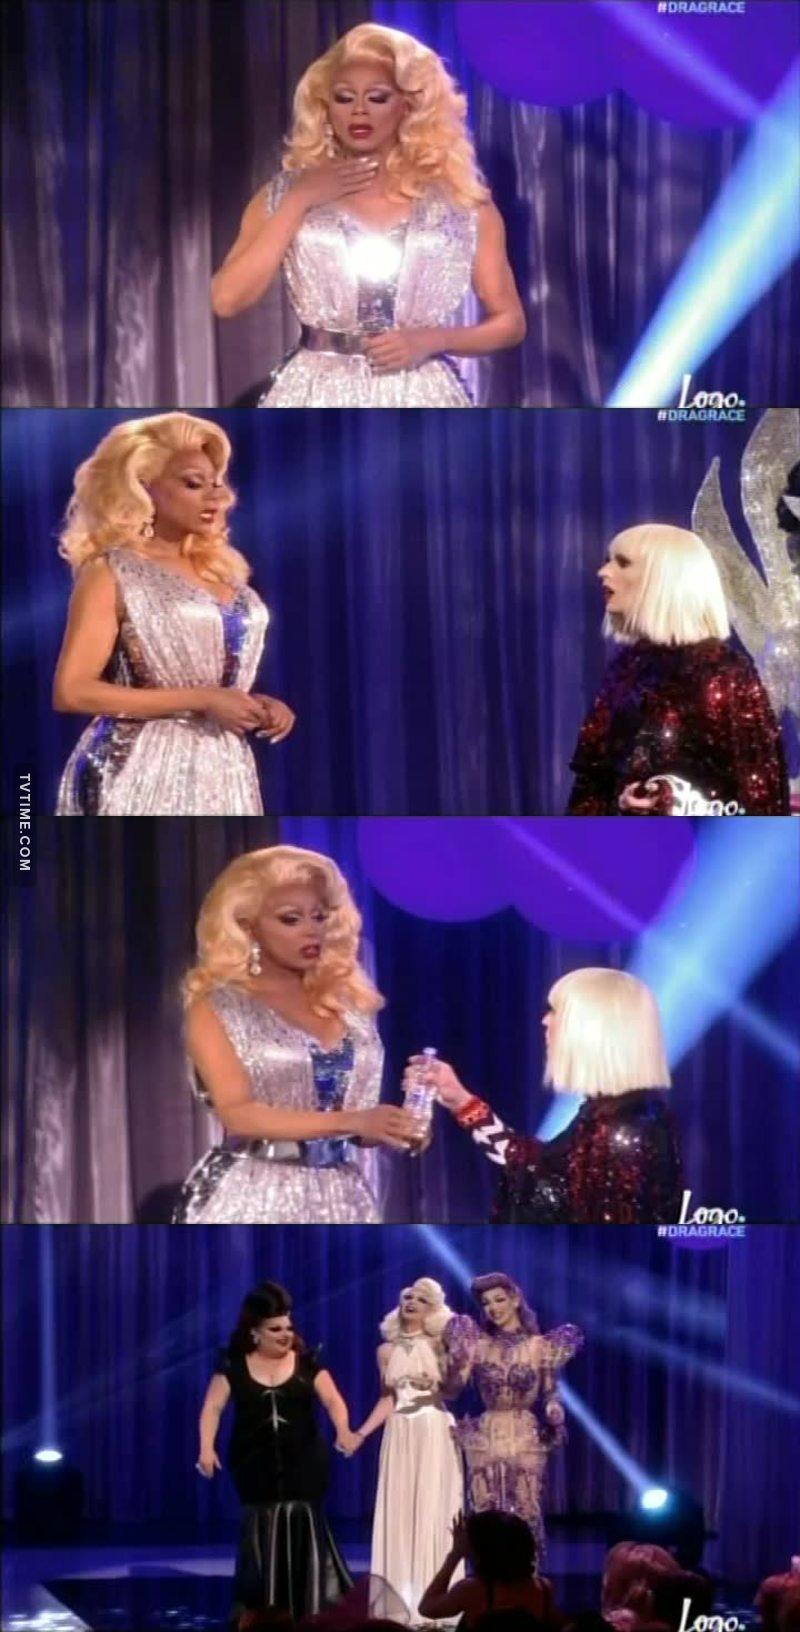 Omg that was so funny, I love Katya! 😍